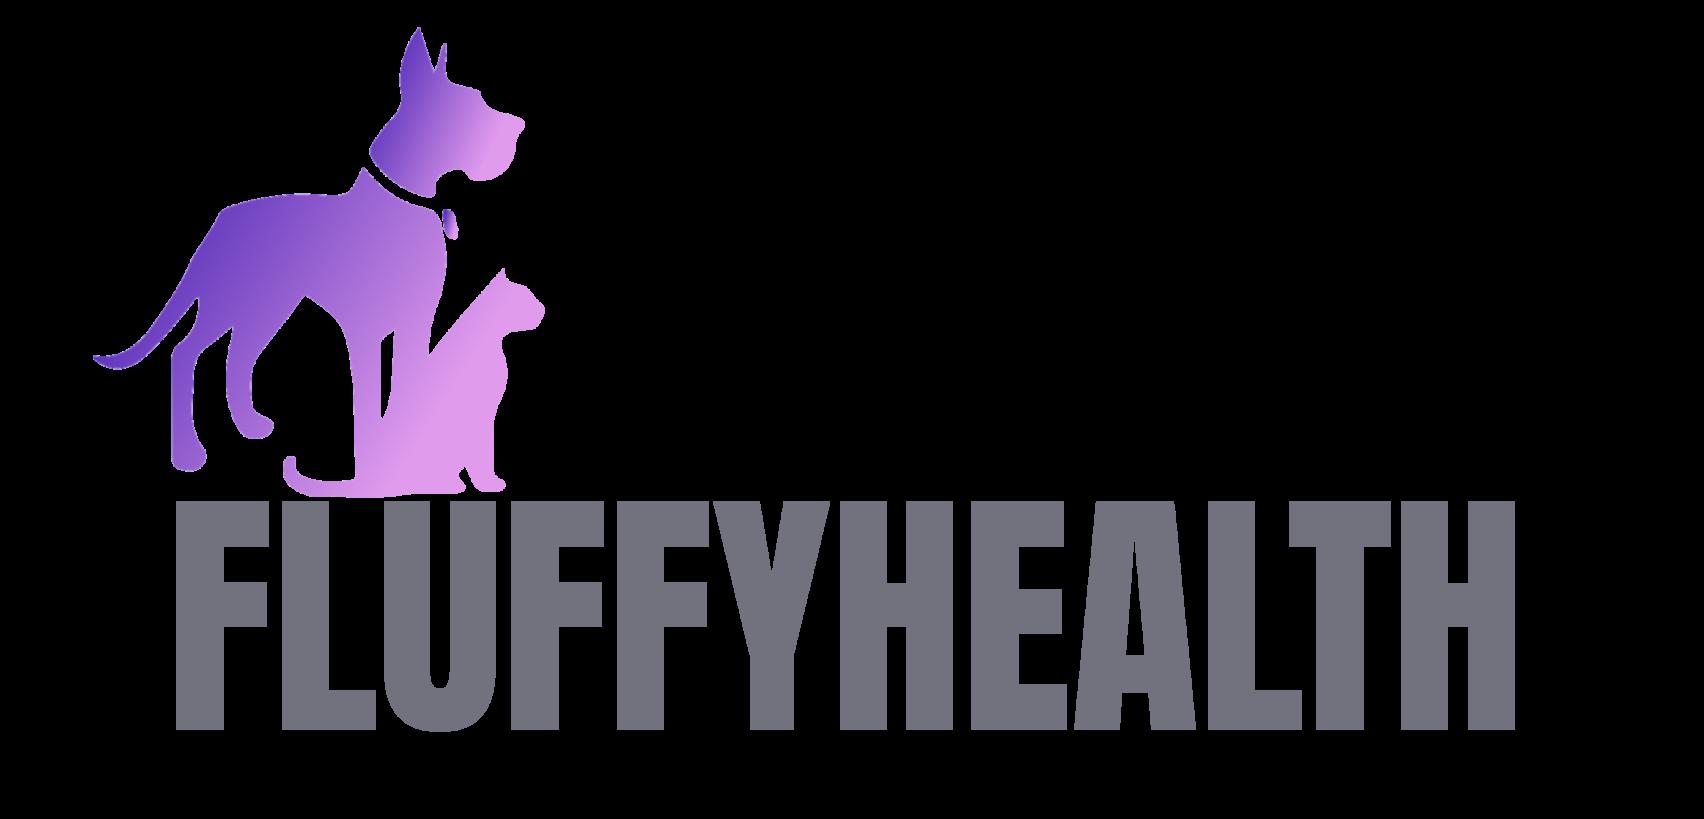 Fluffyhealth